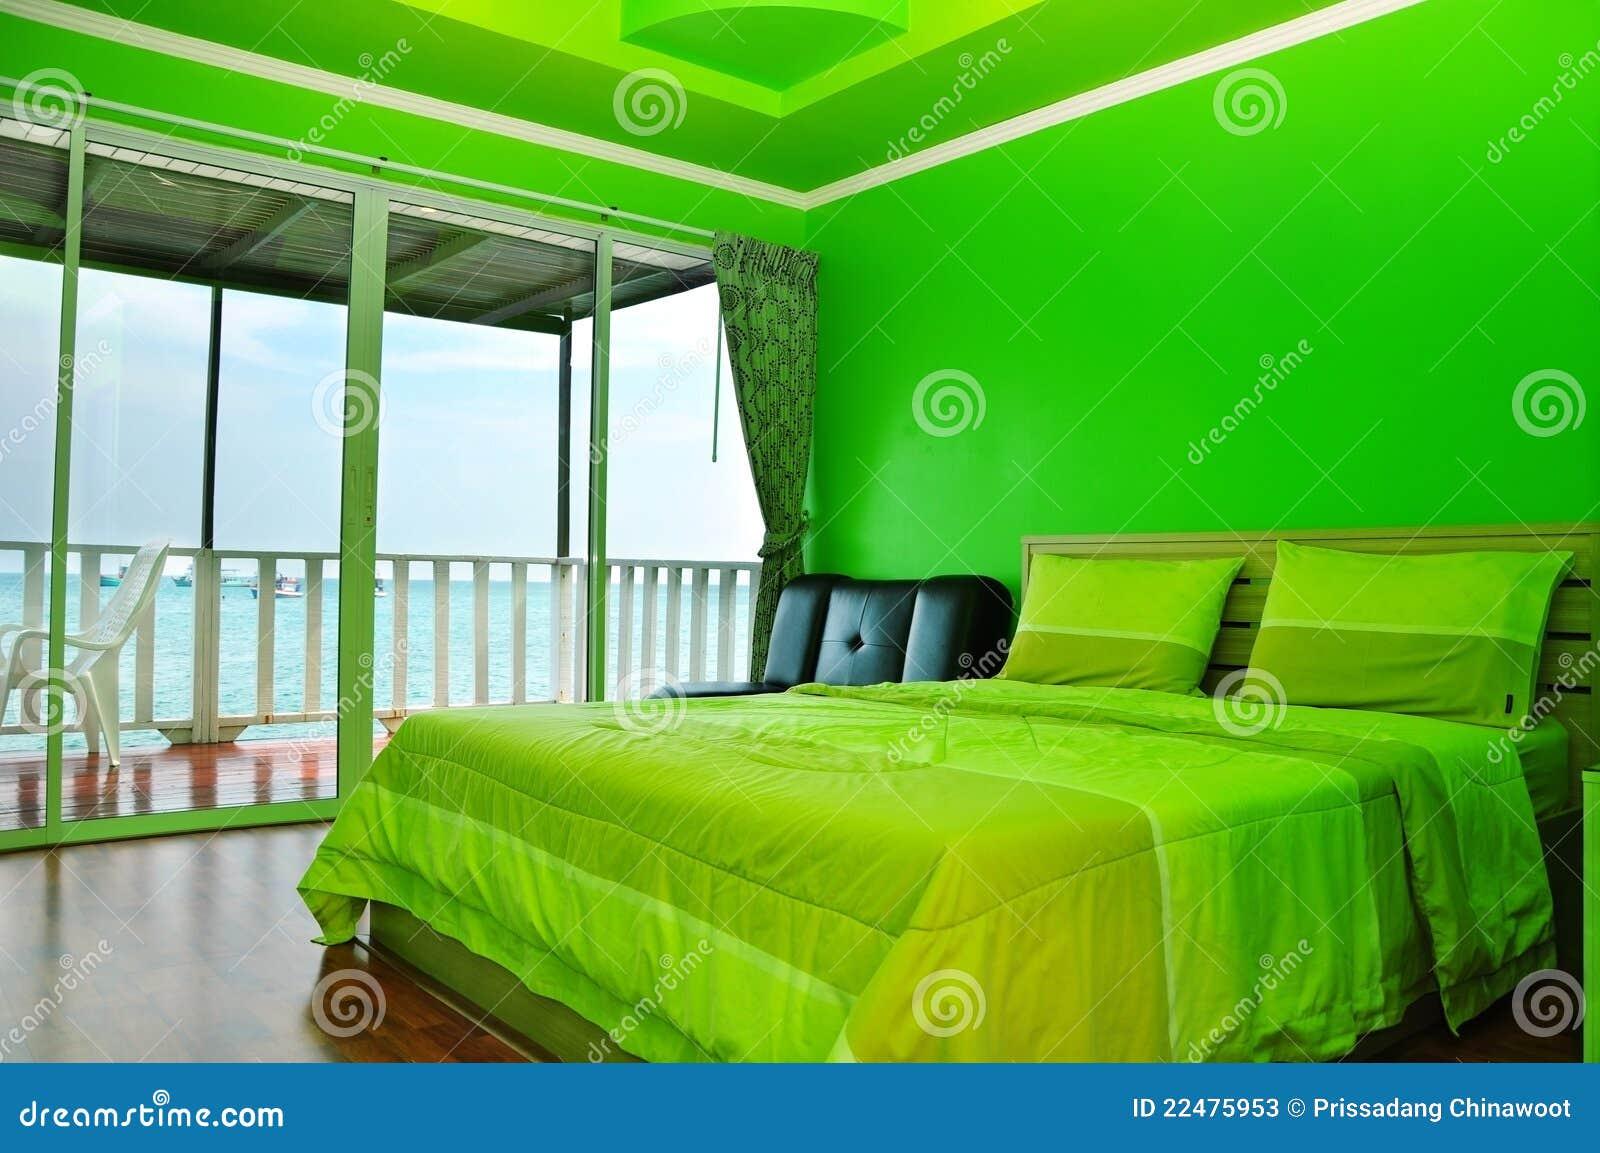 Kleuren voor slaapkamer op het noorden ~ [Spscents.com]